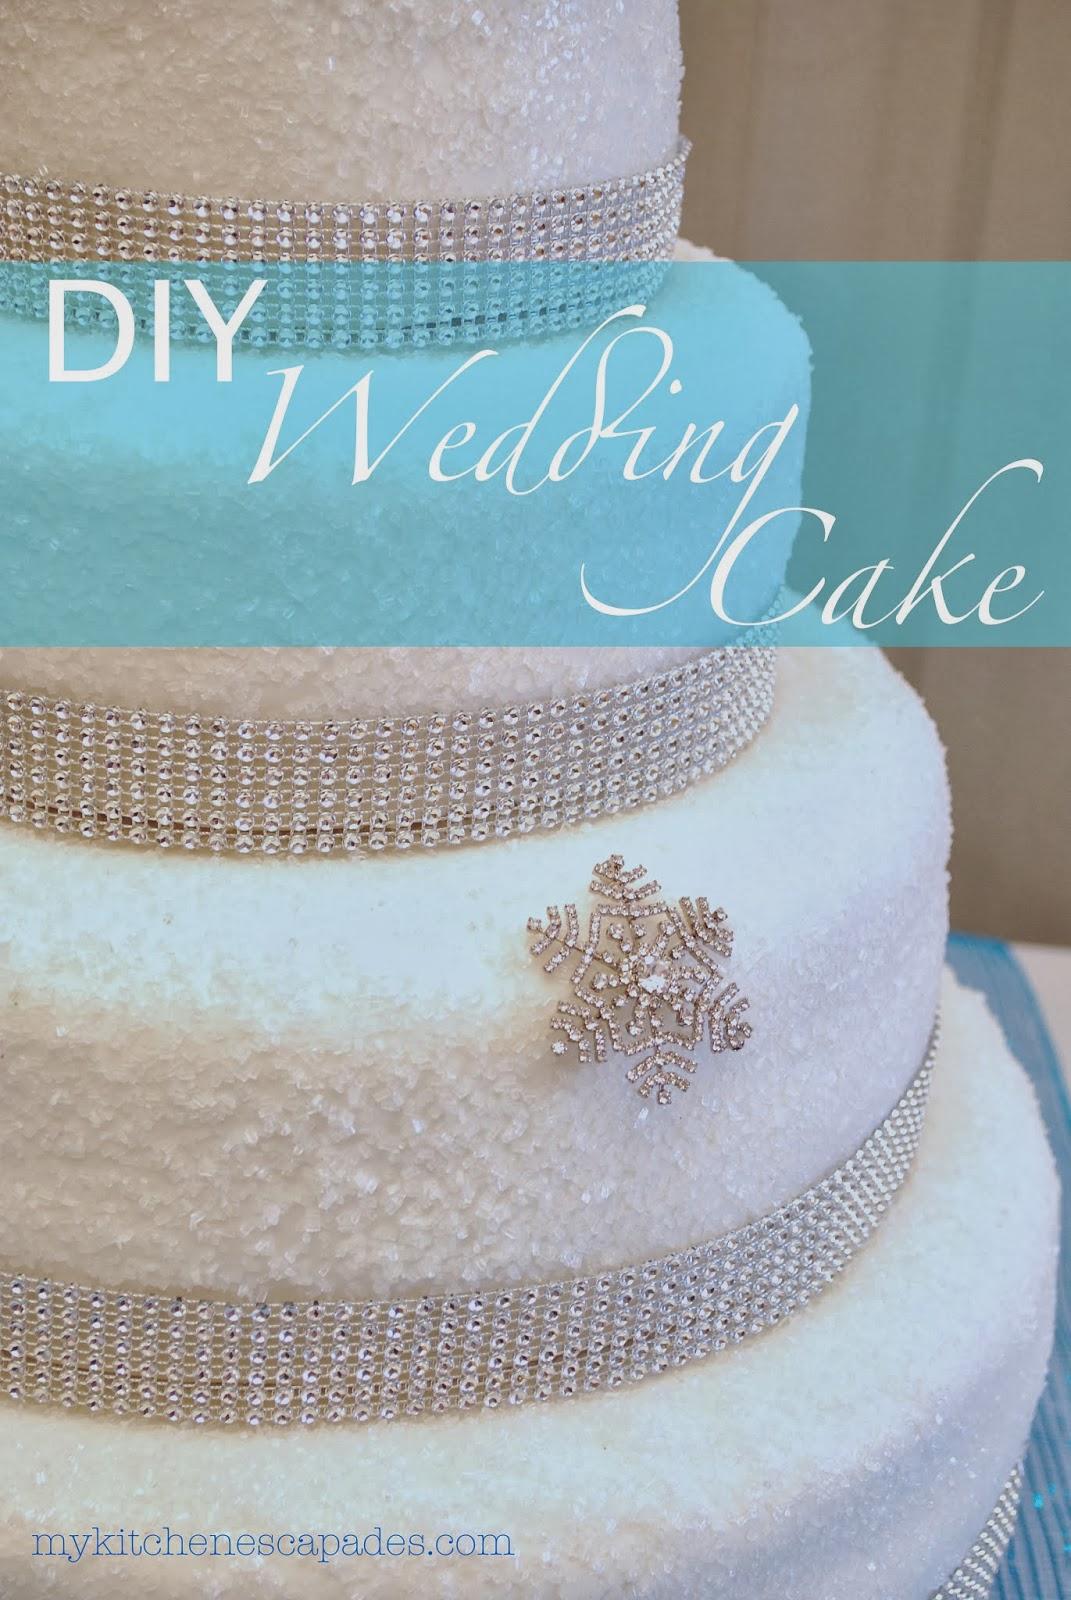 diy wedding cake. Black Bedroom Furniture Sets. Home Design Ideas